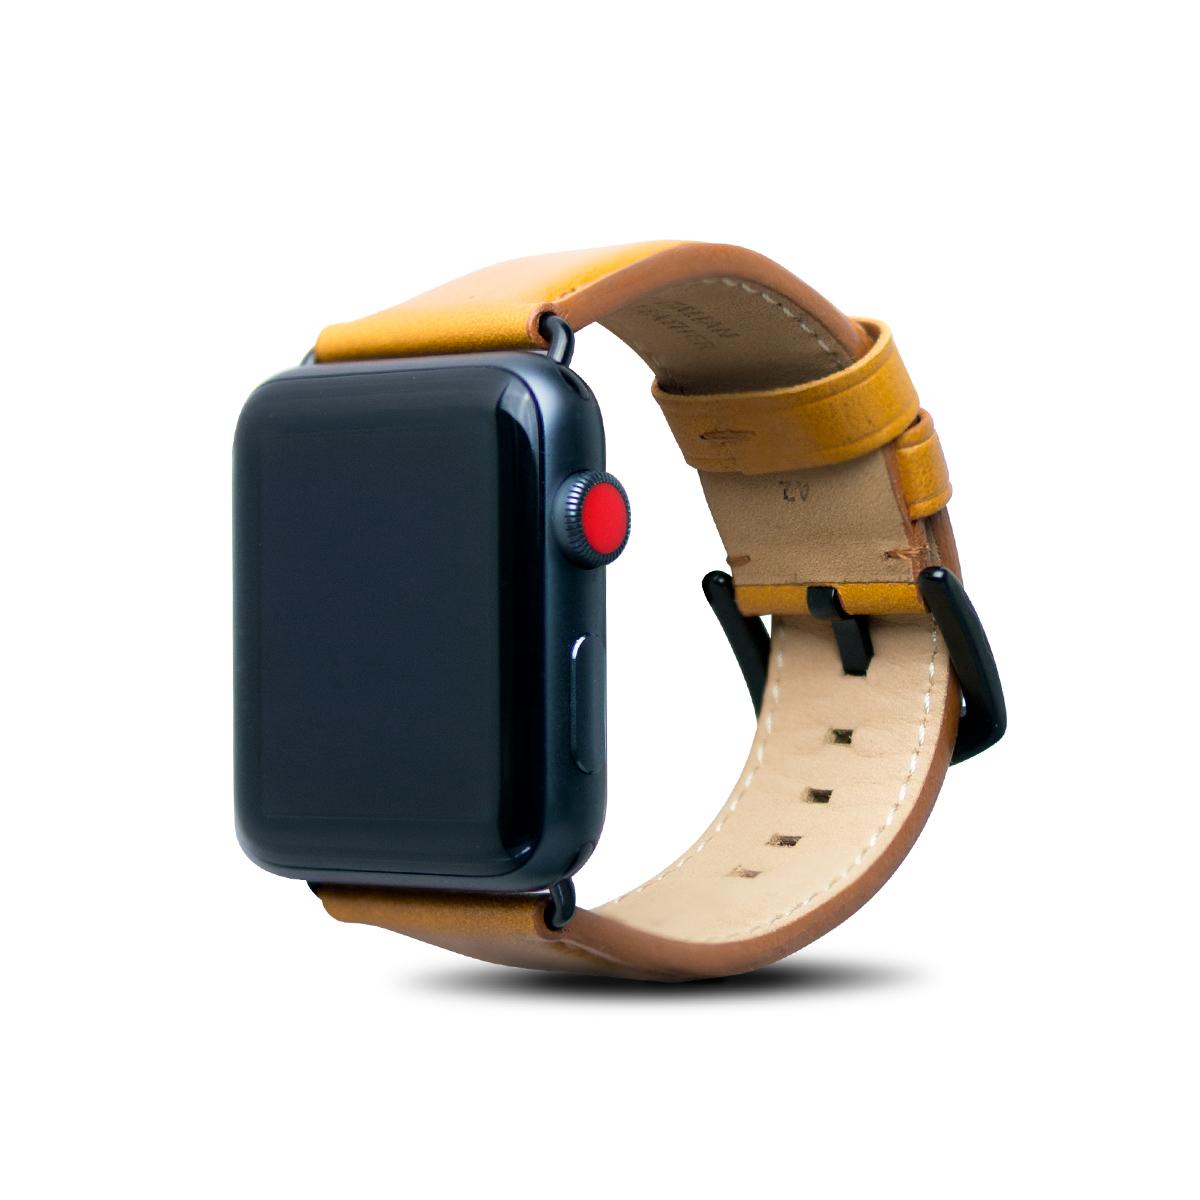 Apple Watch 44/42mm 皮革錶帶 - 焦糖棕